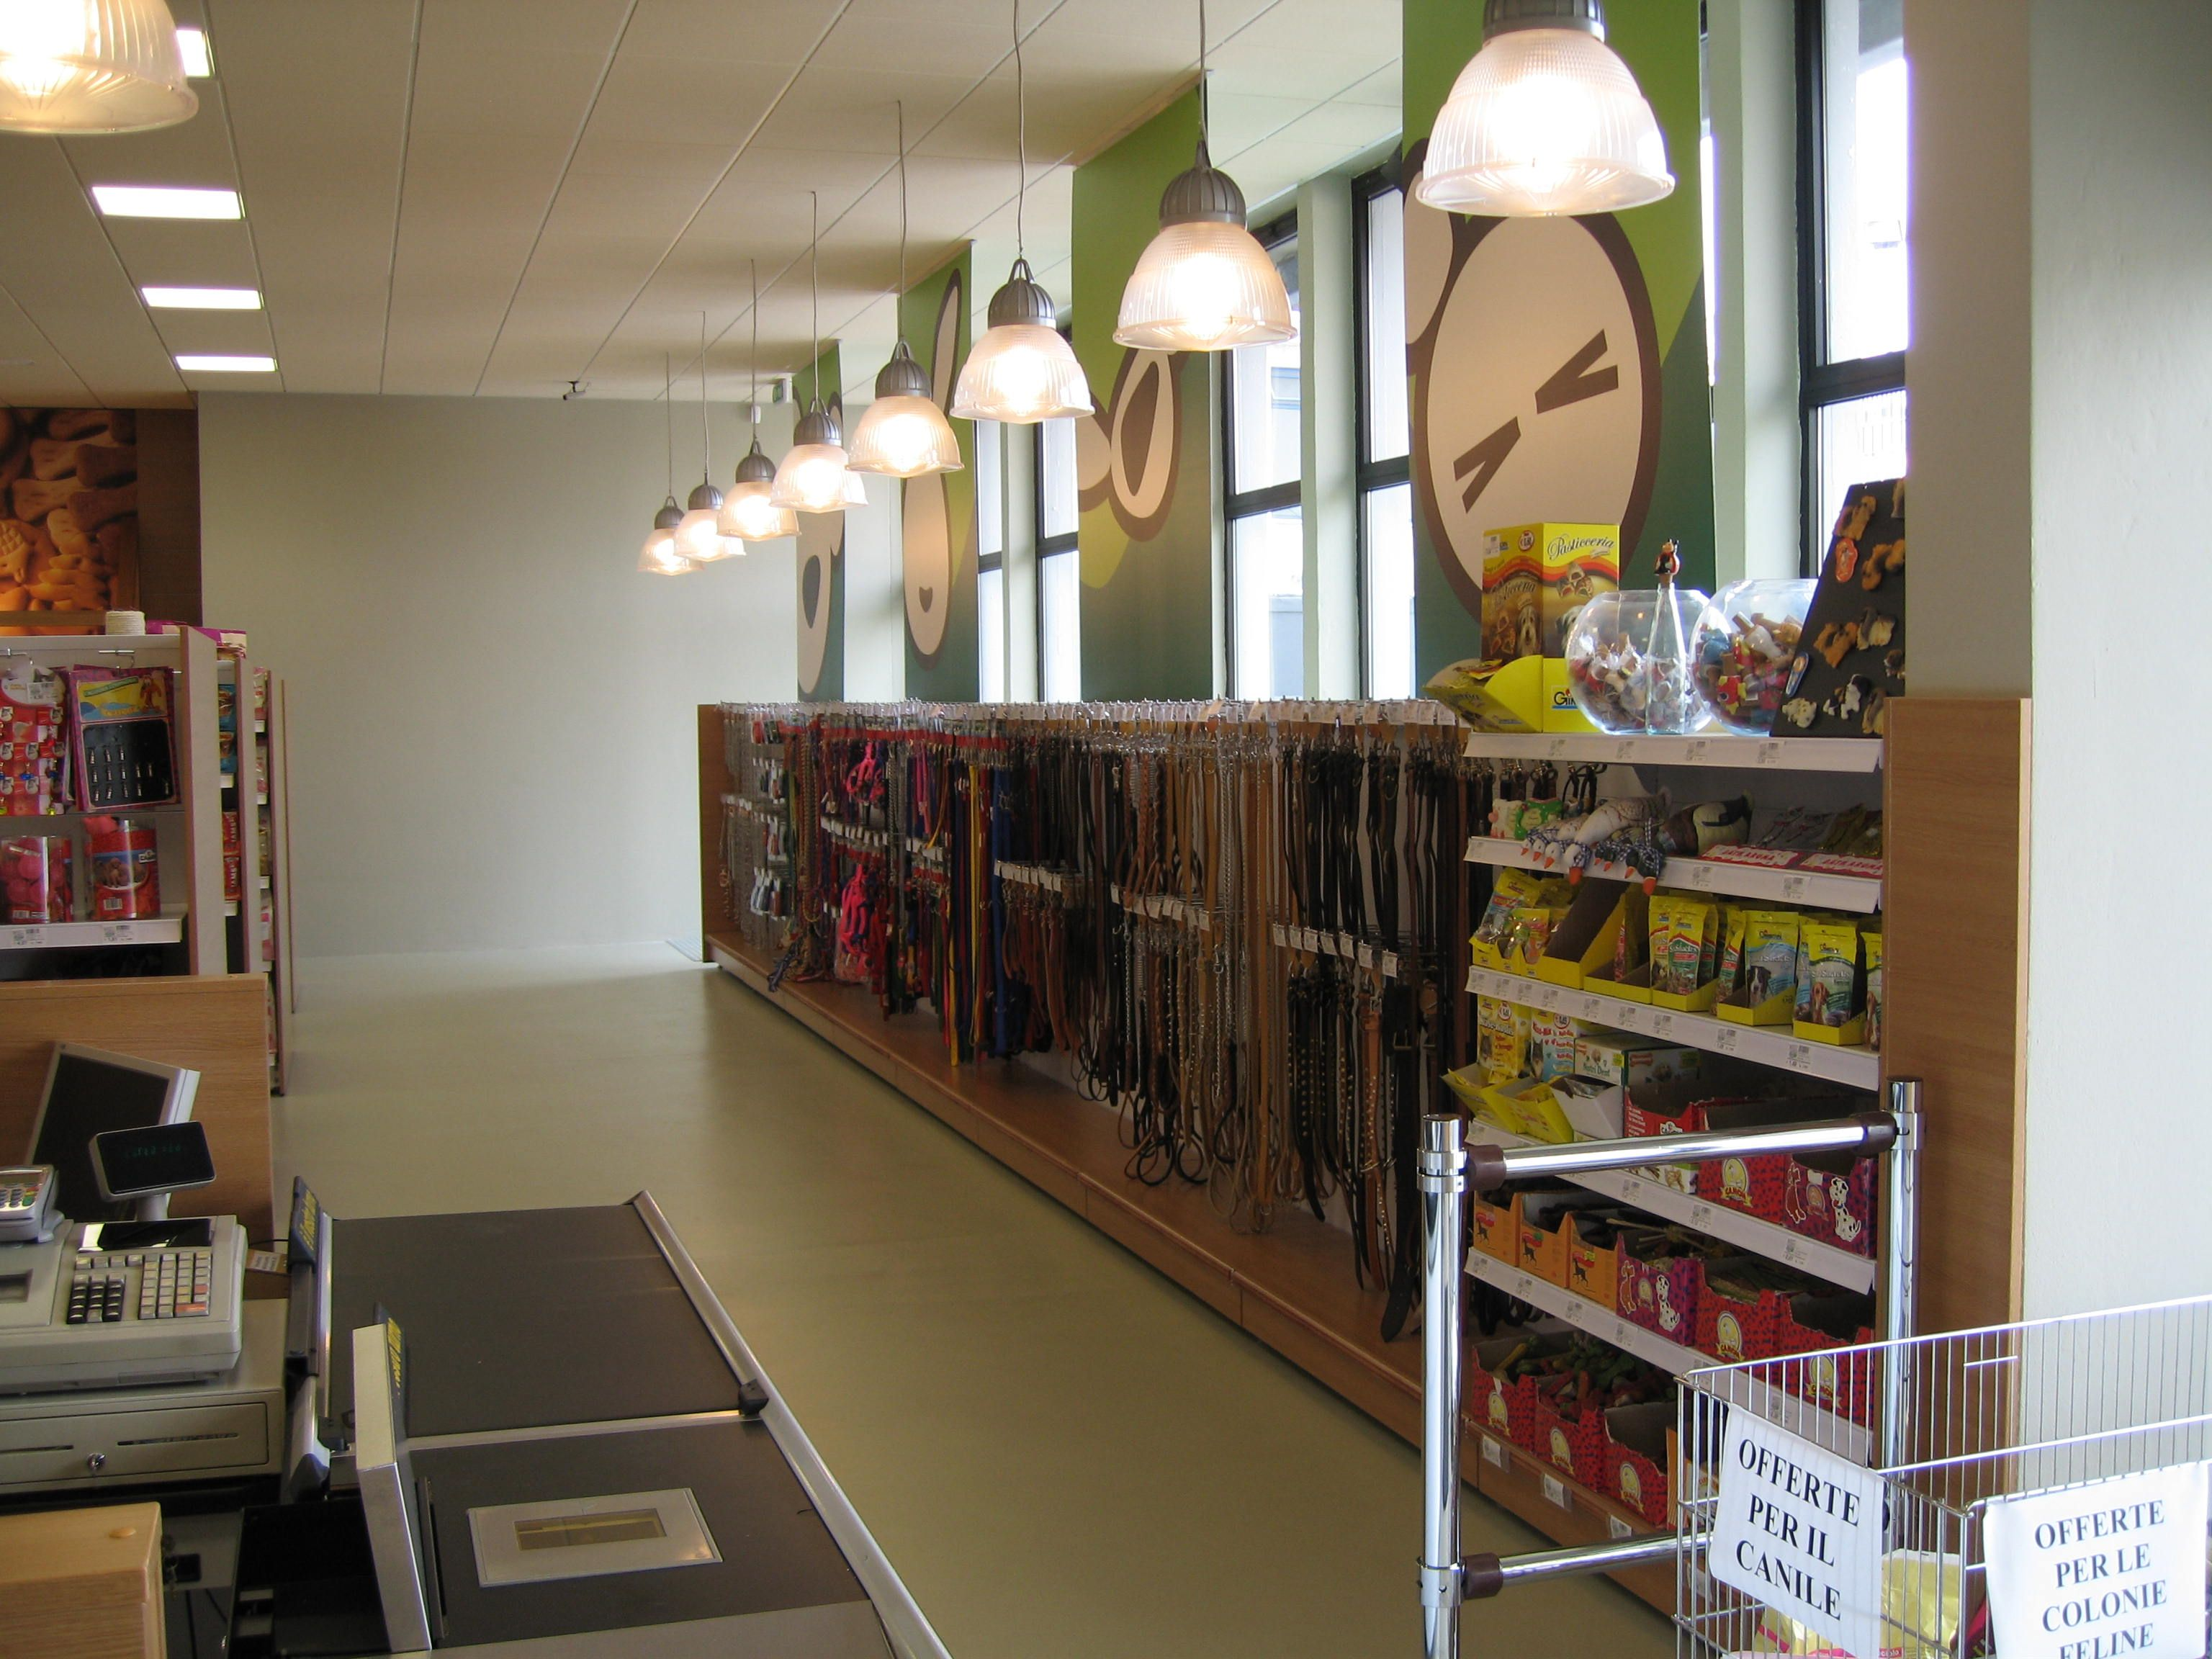 Negozi Per Animali arredamenti per negozi prodotti ...